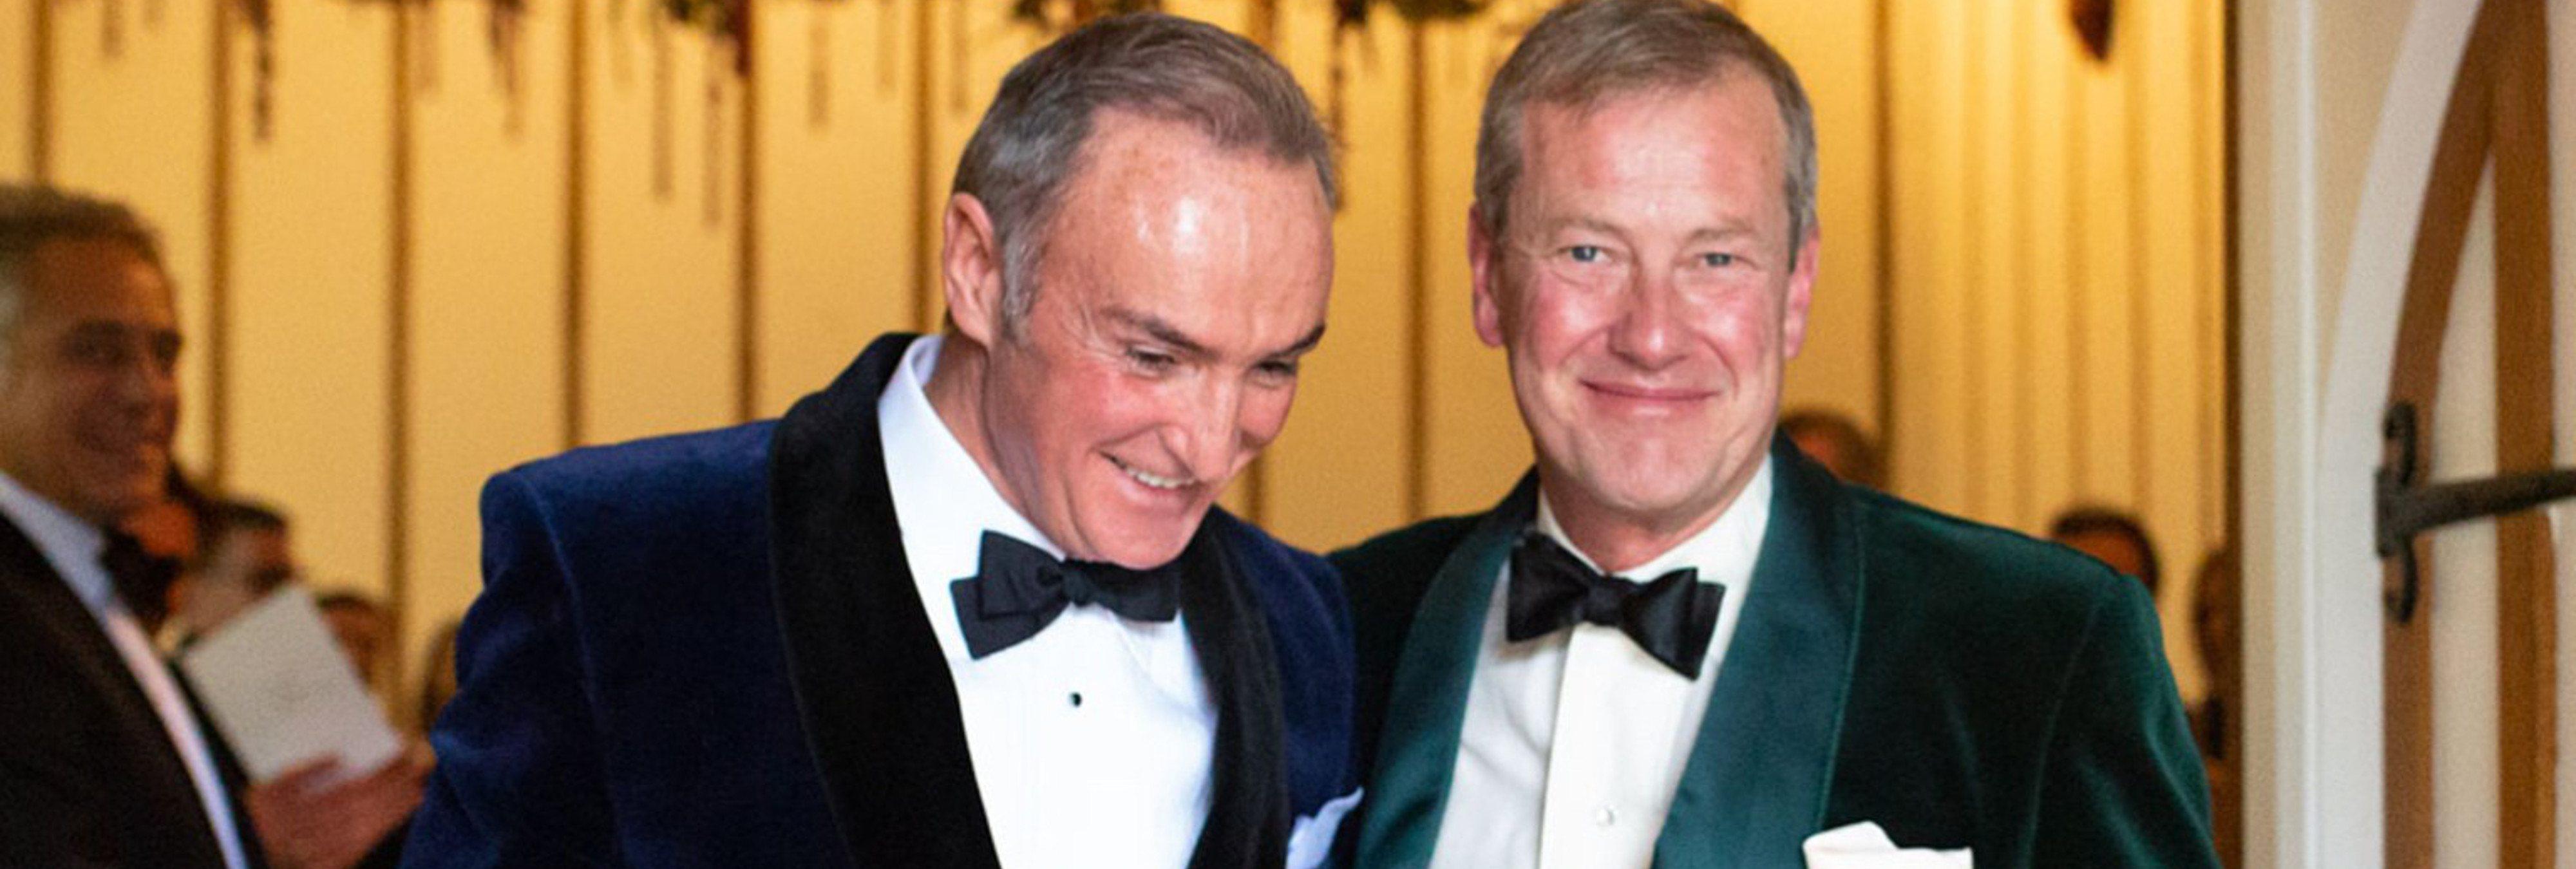 La familia real británica celebra su primera boda gay en toda la historia